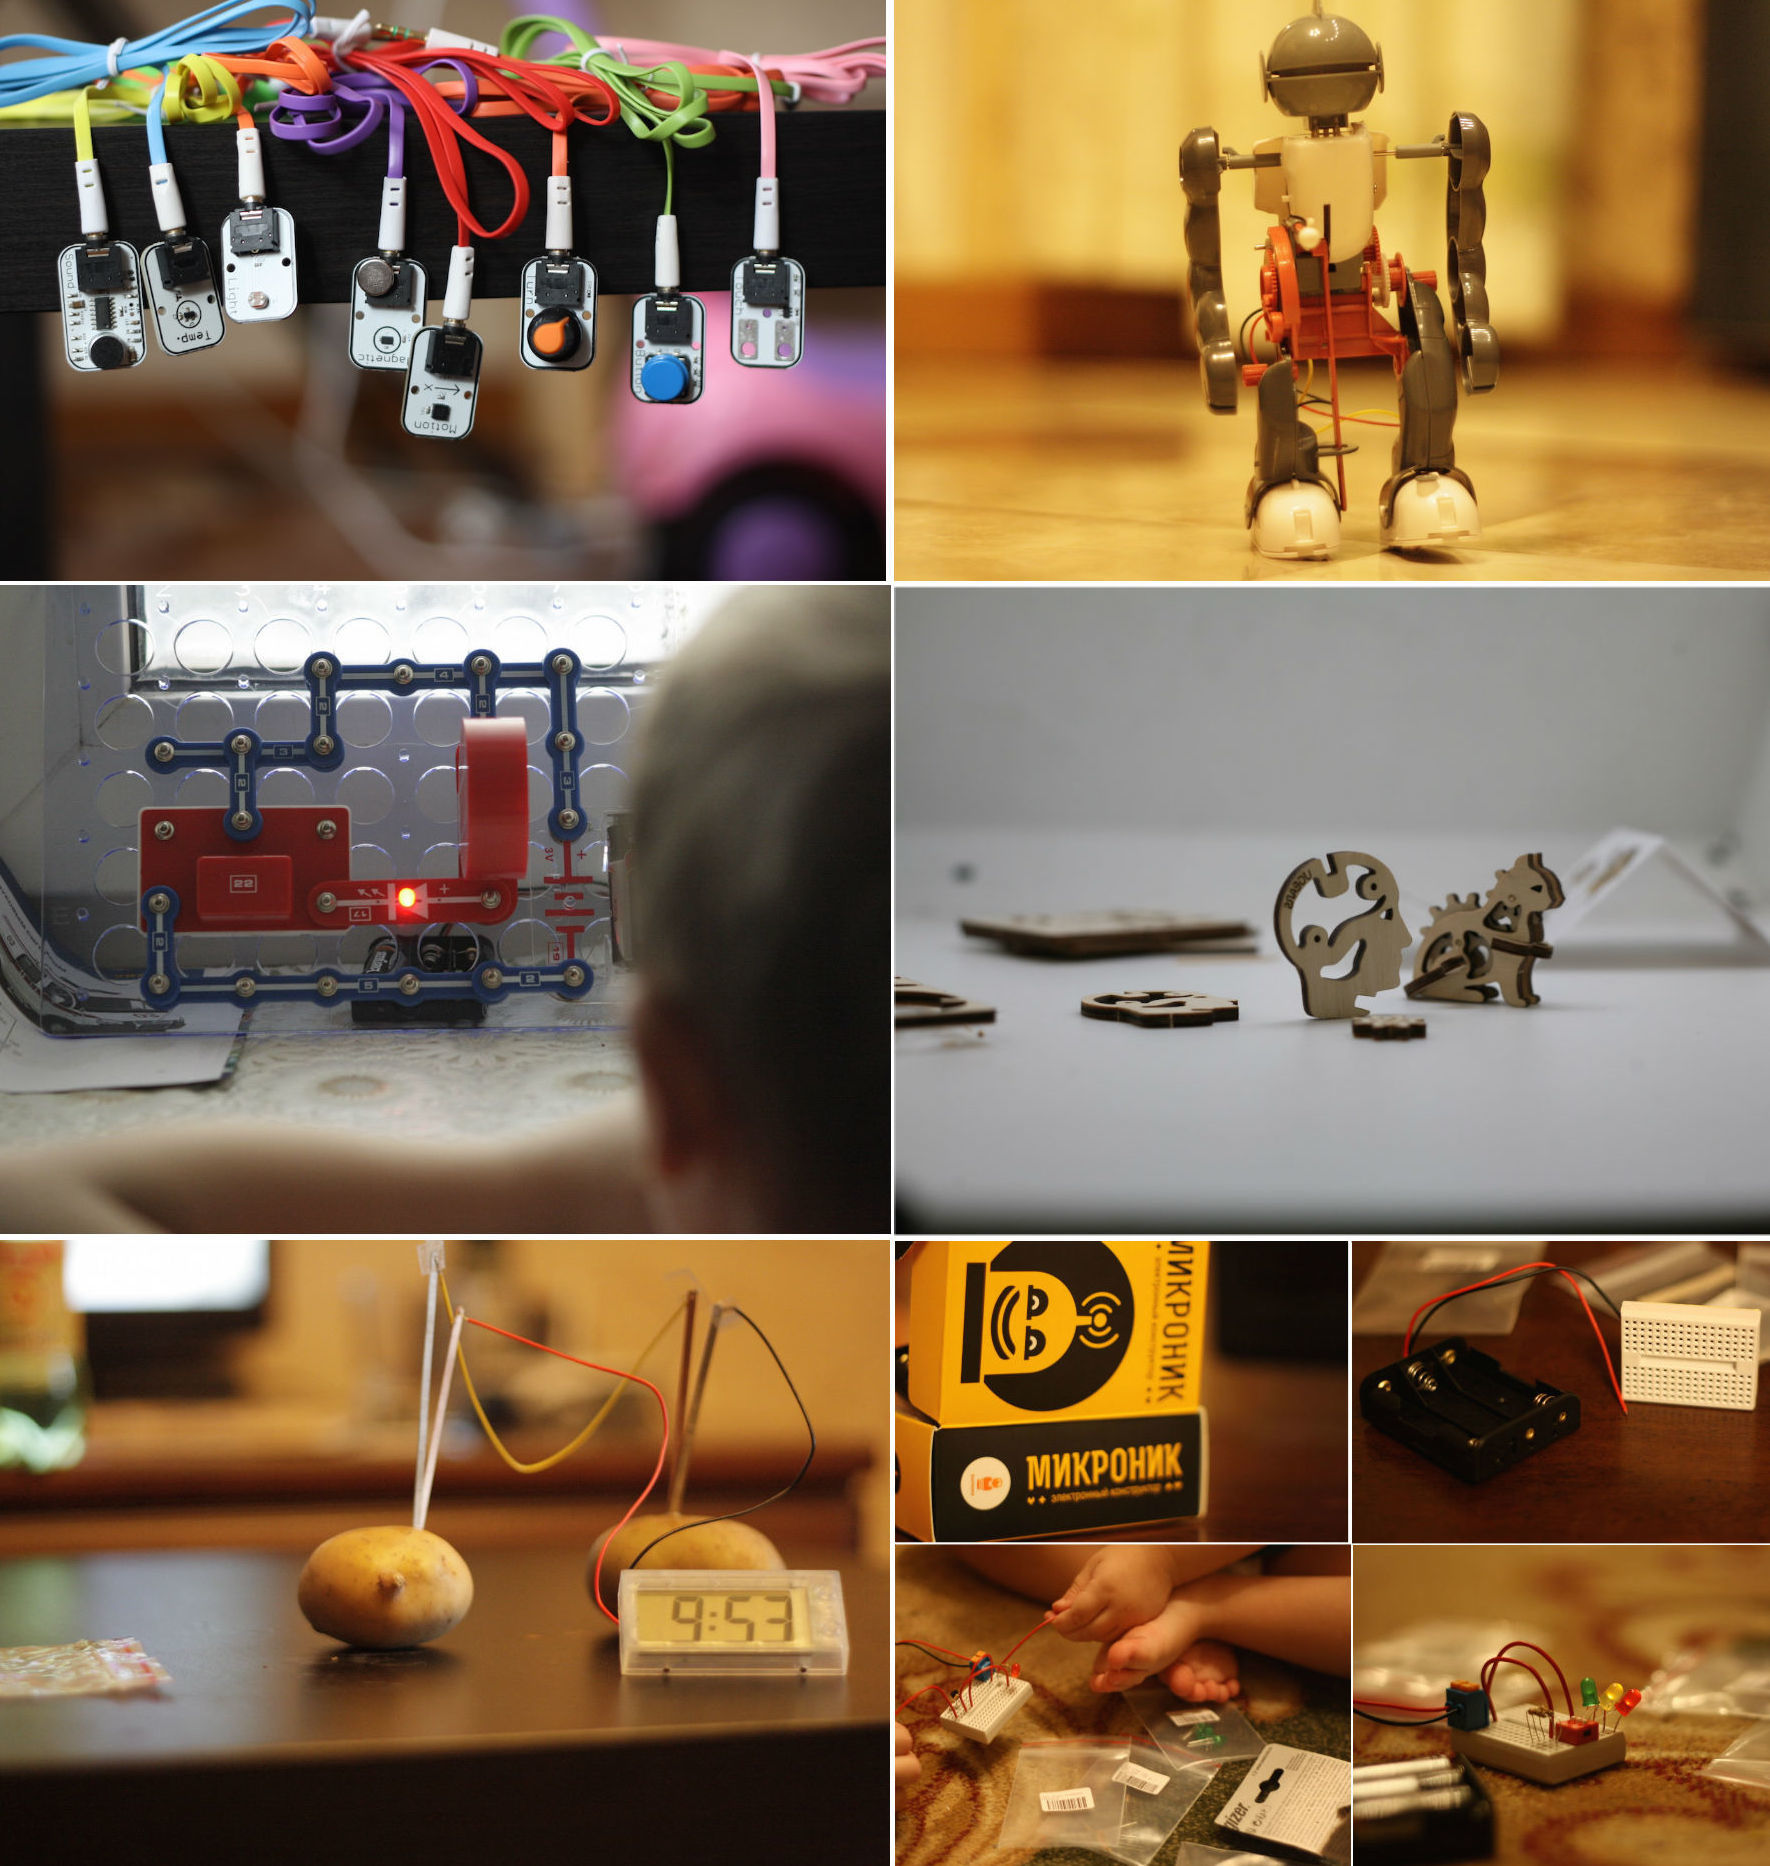 Образовательные электронные игрушки для детей - 1